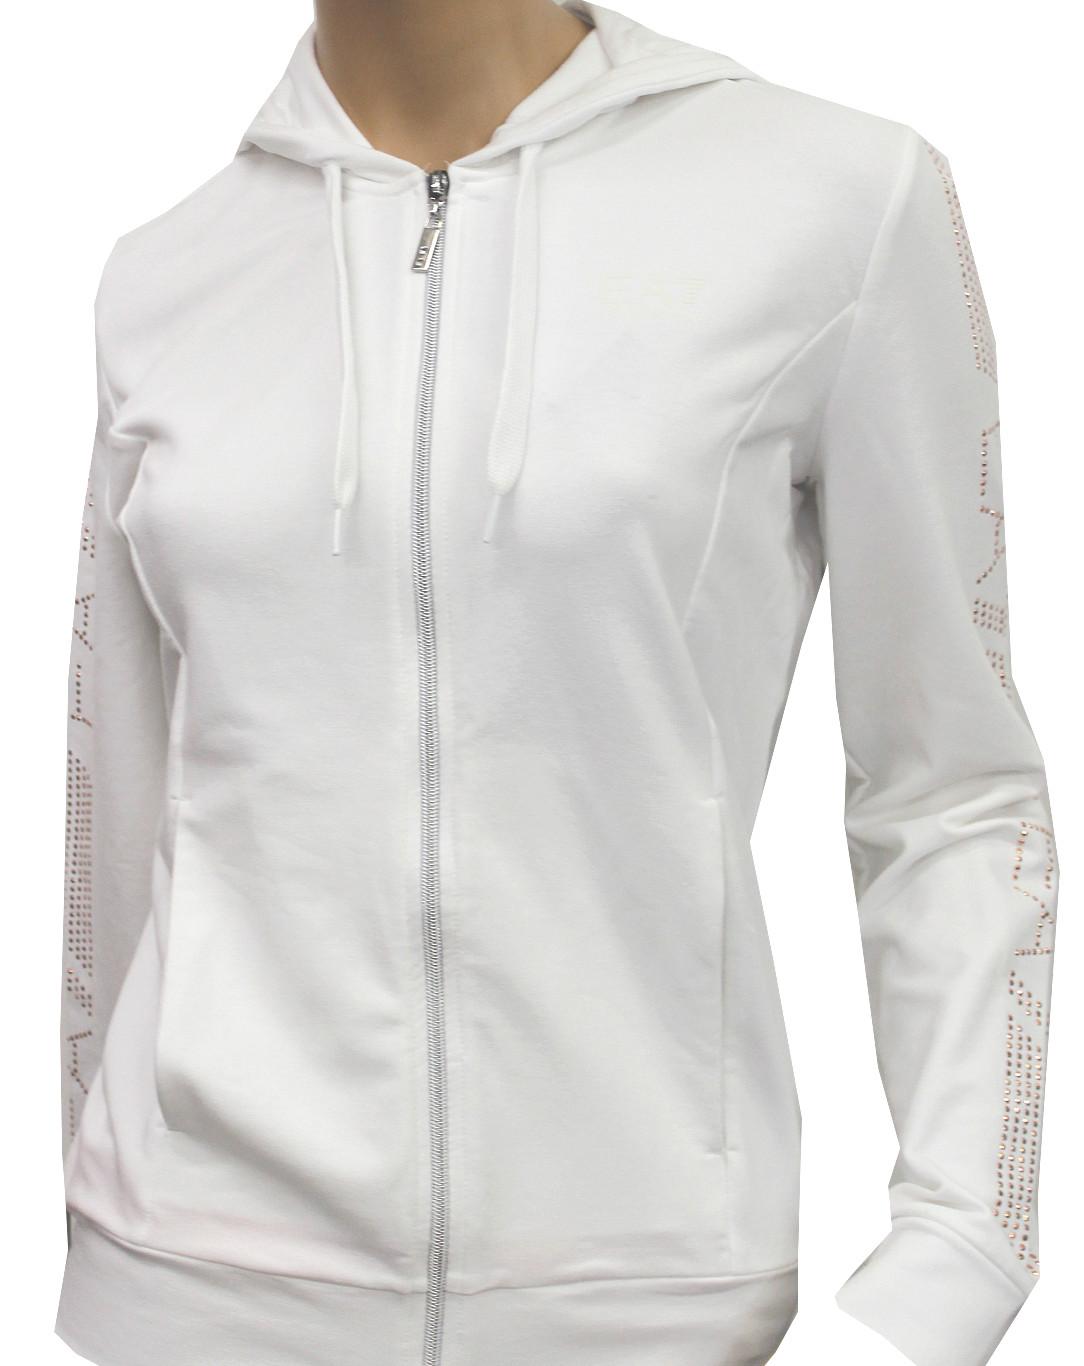 Купить Толстовка для активного отдыха EA7 Emporio Armani 2016 WOMANS KNIT SWEATSH BIANCO Одежда туристическая 1244966